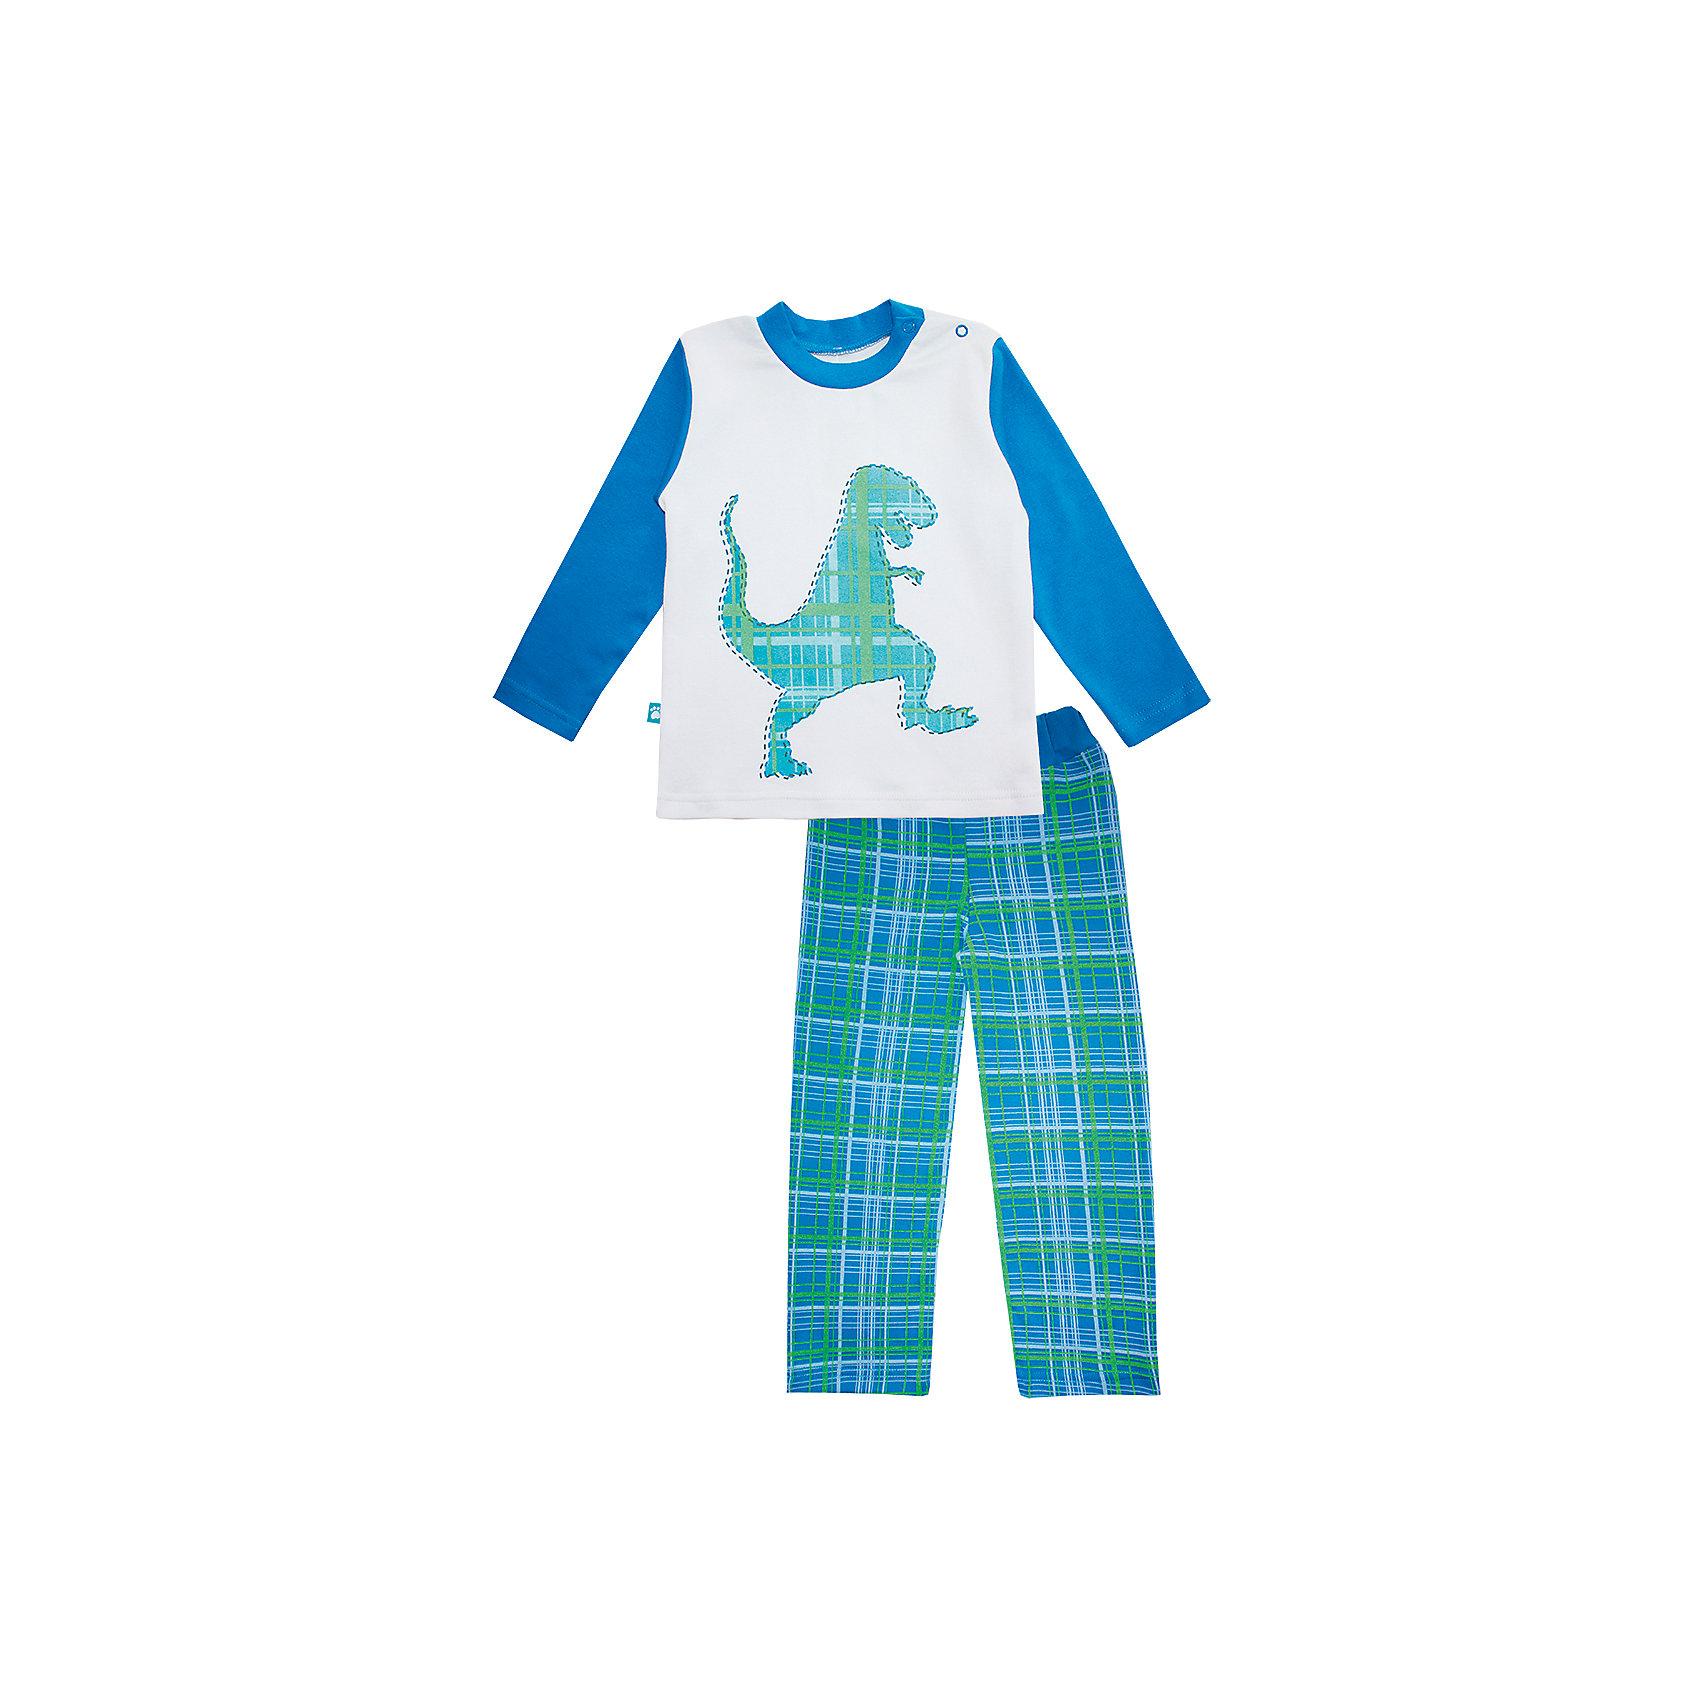 Комплект: свиншот и штаны для мальчика КотМарКотКомплект: свиншот и штаны для мальчика КотМарКот<br>Состав:<br>100% хлопок<br><br>Ширина мм: 281<br>Глубина мм: 70<br>Высота мм: 188<br>Вес г: 295<br>Цвет: разноцветный<br>Возраст от месяцев: 24<br>Возраст до месяцев: 36<br>Пол: Мужской<br>Возраст: Детский<br>Размер: 98,104,110,116,122,128,134,92<br>SKU: 5069395